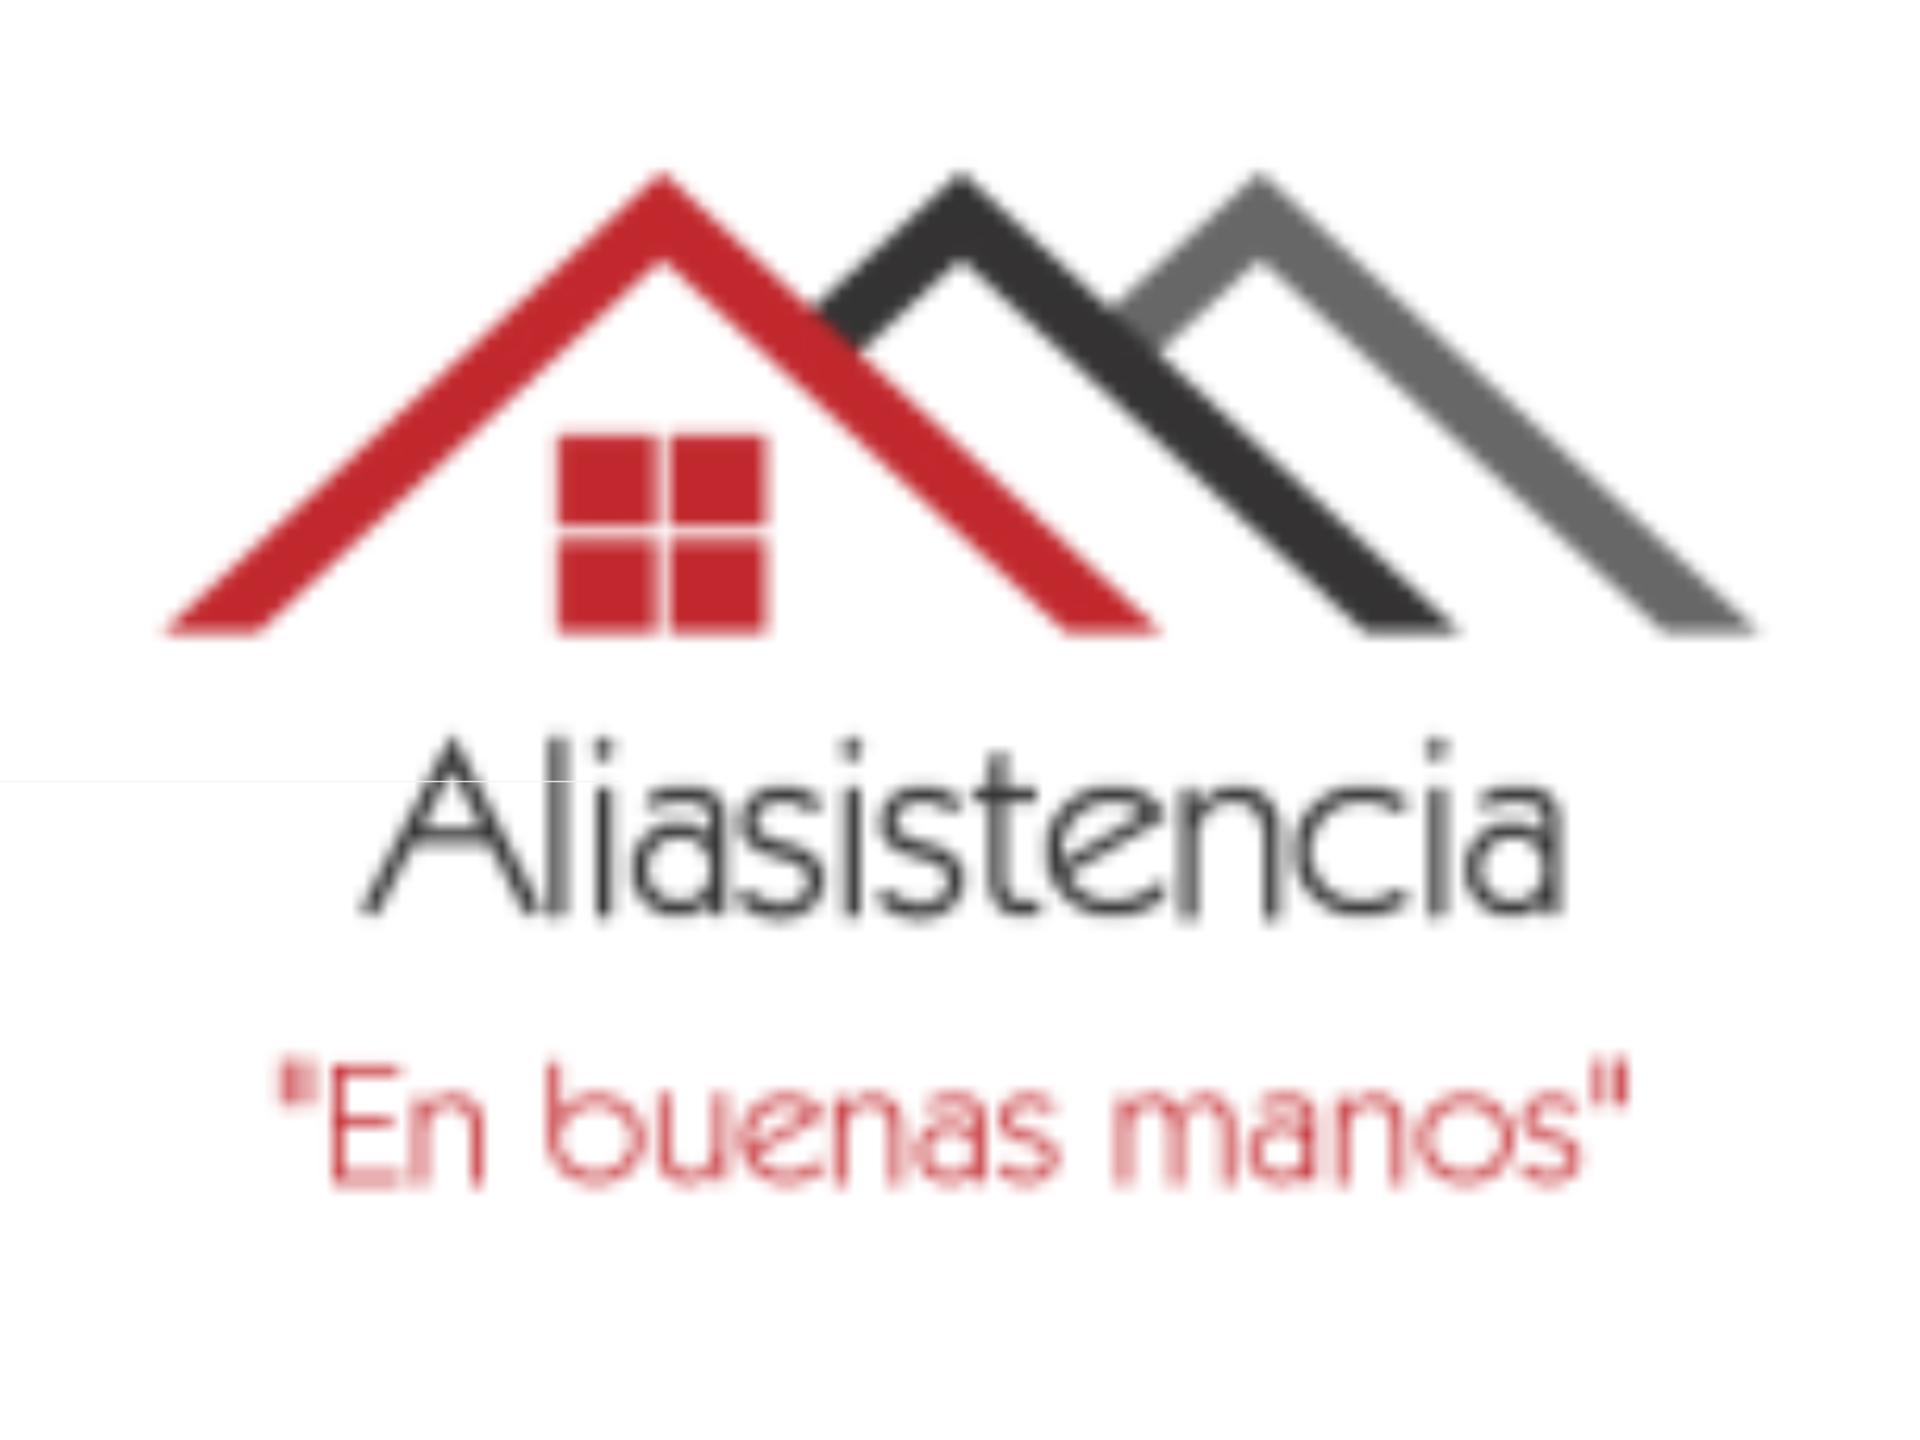 Aliasistencia.es